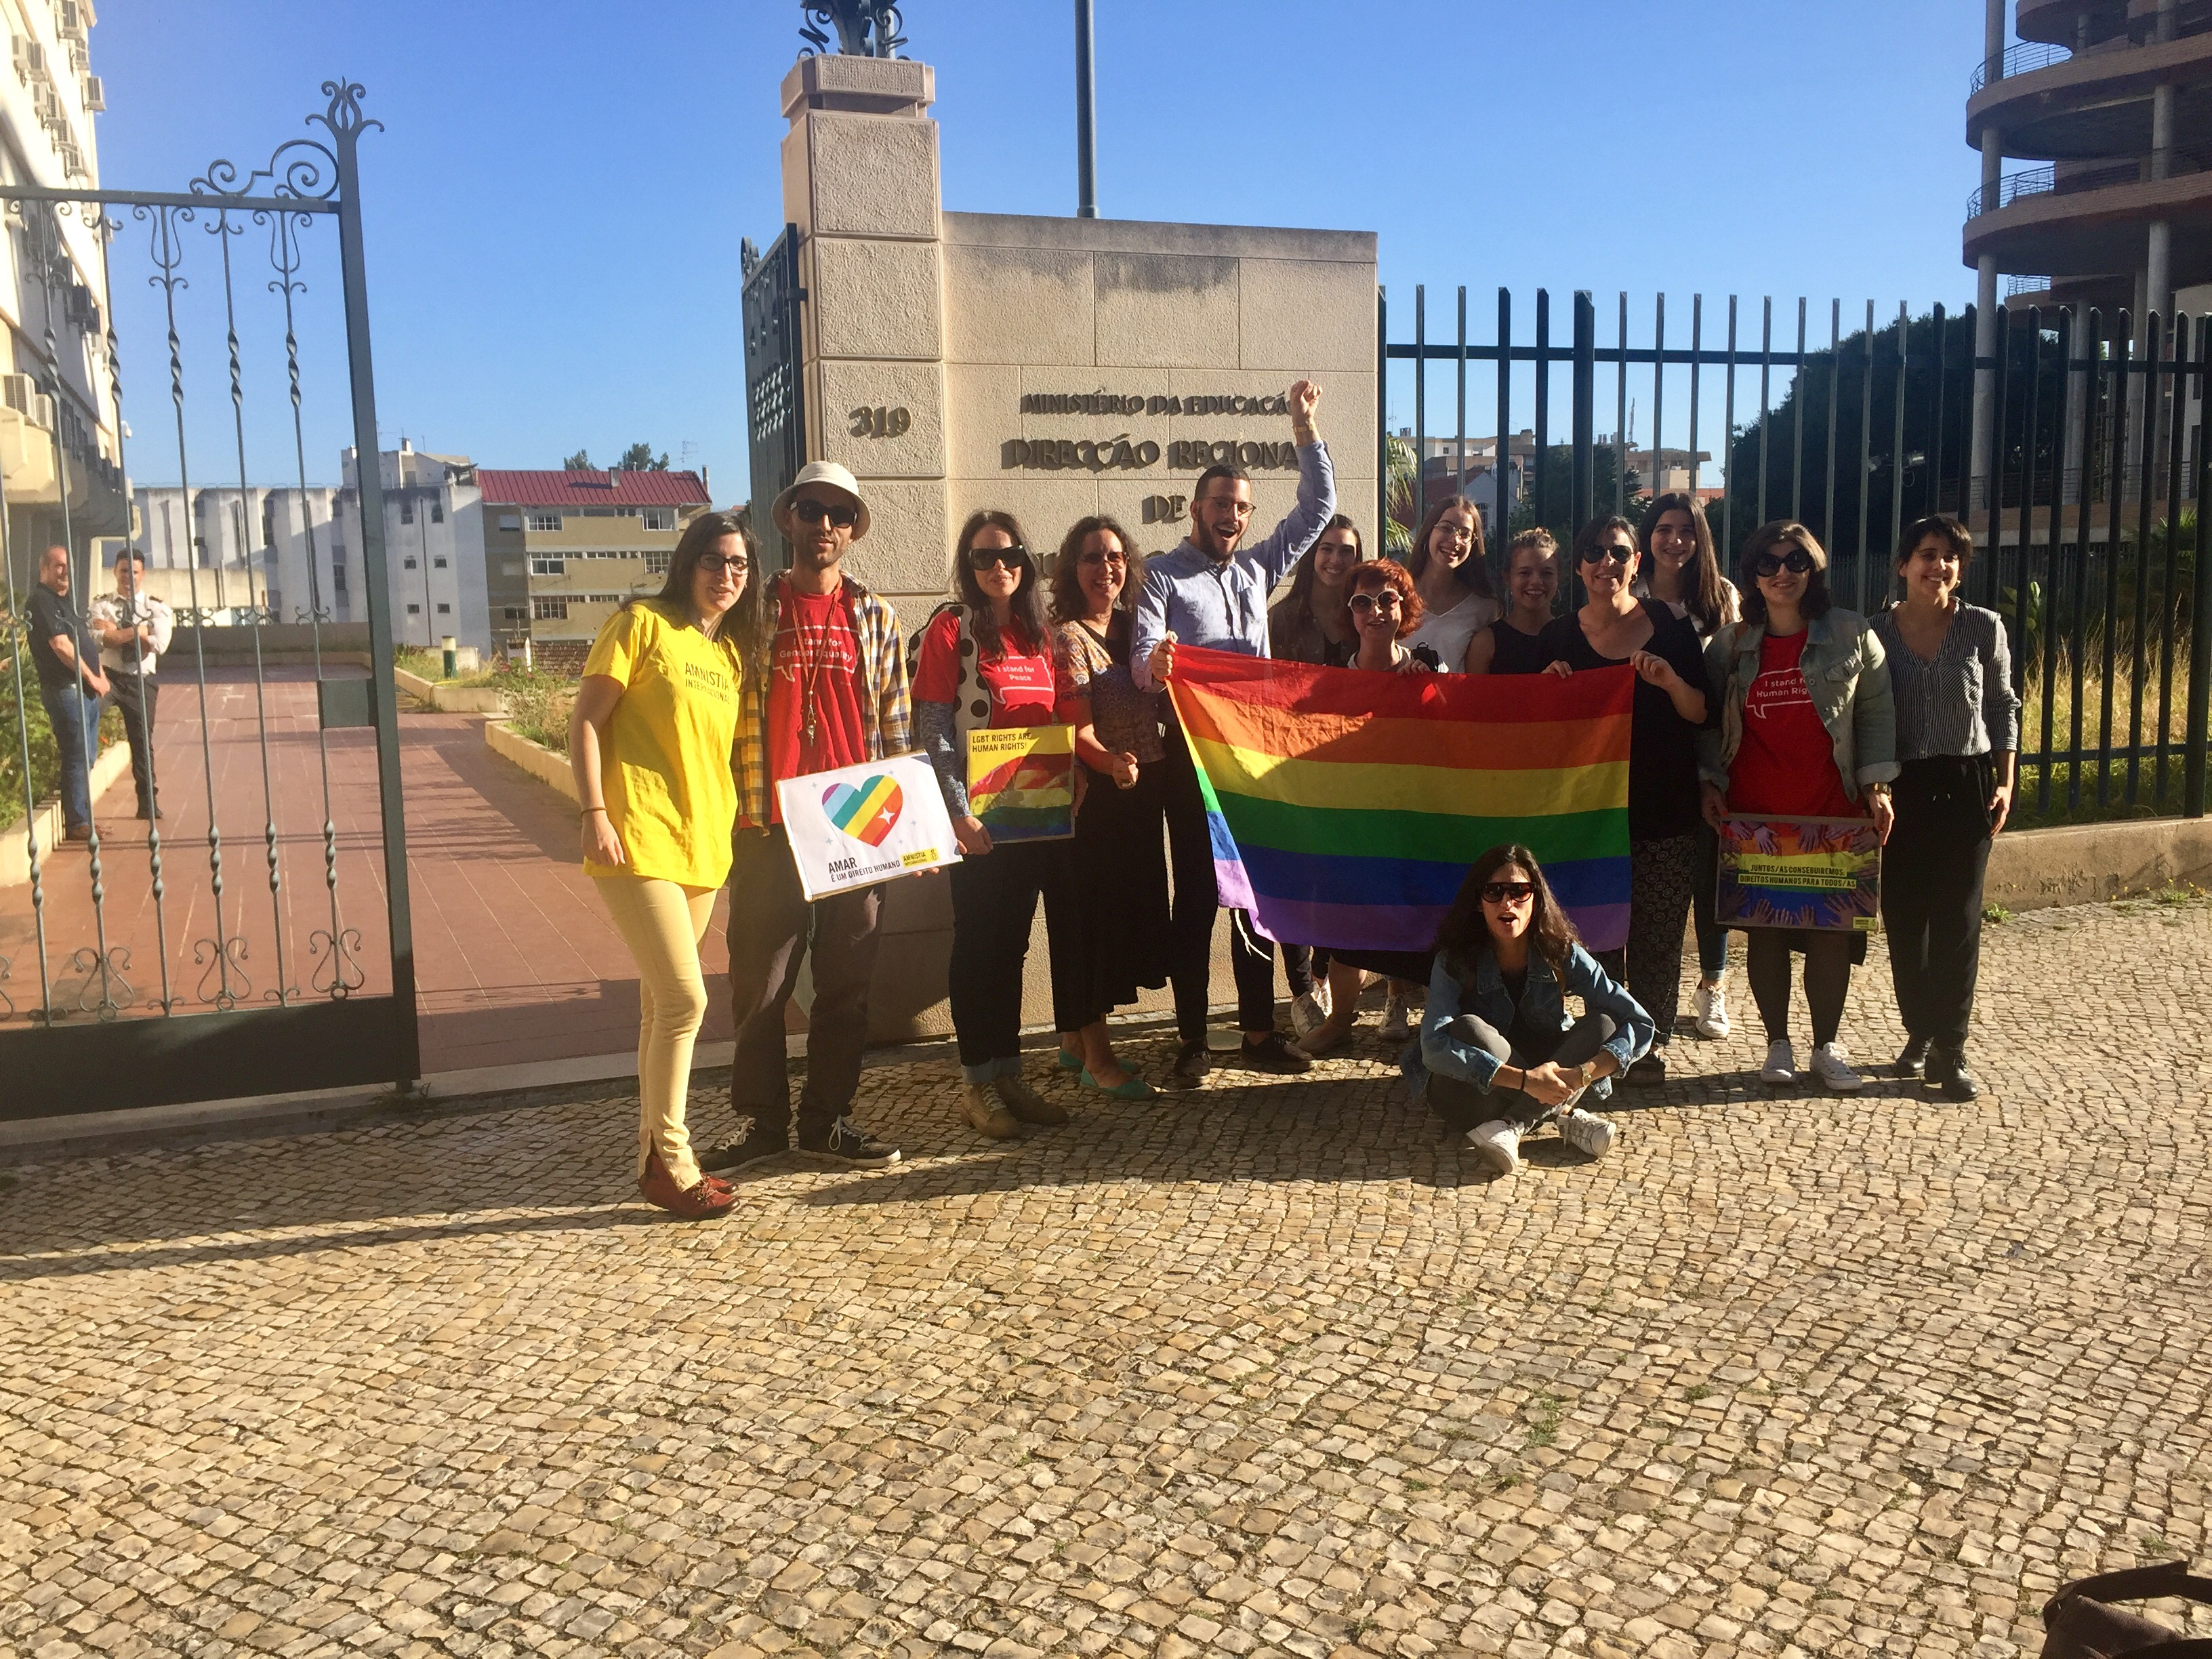 #EscolaSemHomofobia em Coimbra, do facebook de Ana Brito Akto.